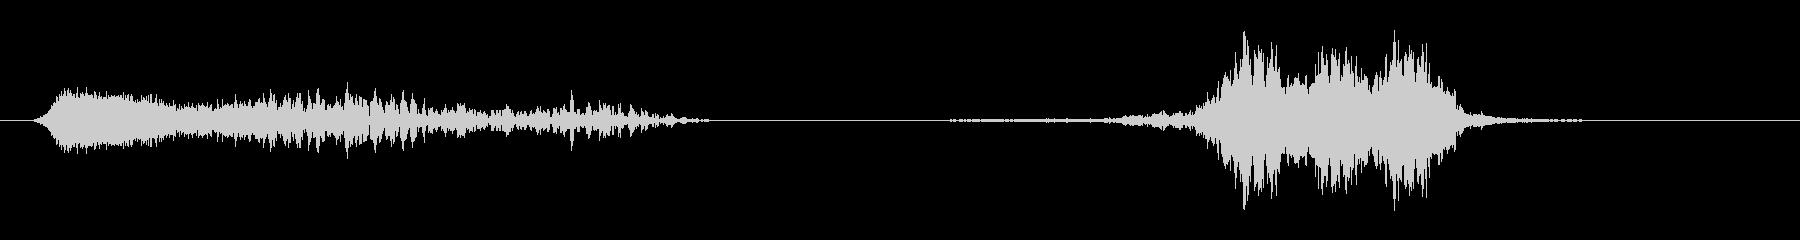 フライバイ10の未再生の波形